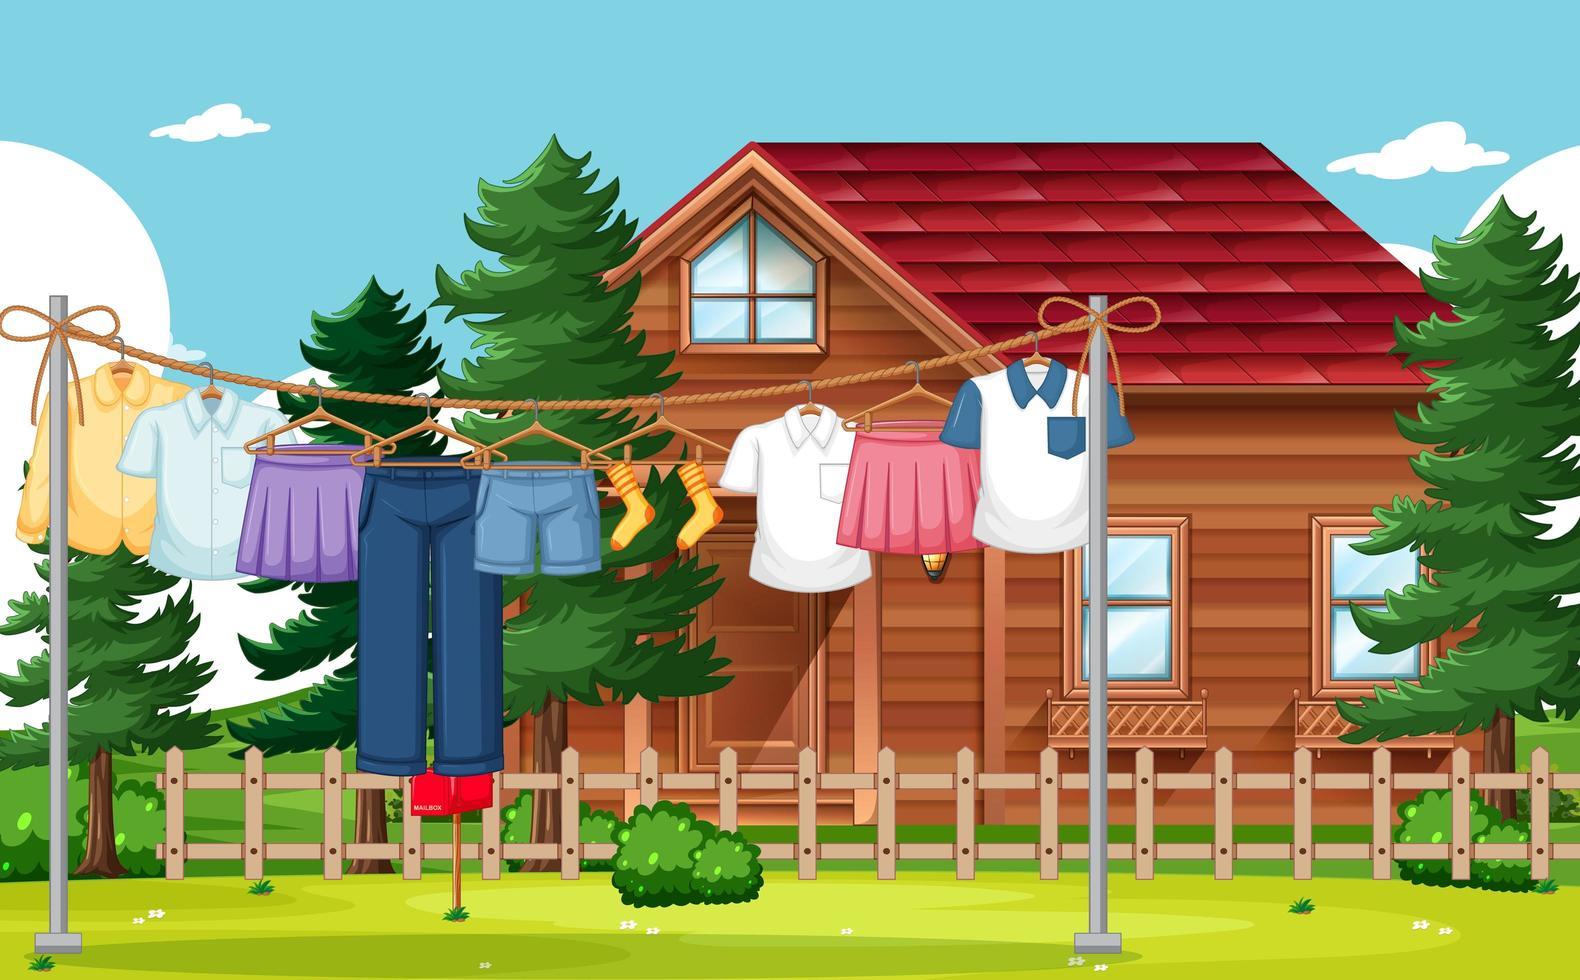 roupas secando e penduradas fundo ao ar livre vetor